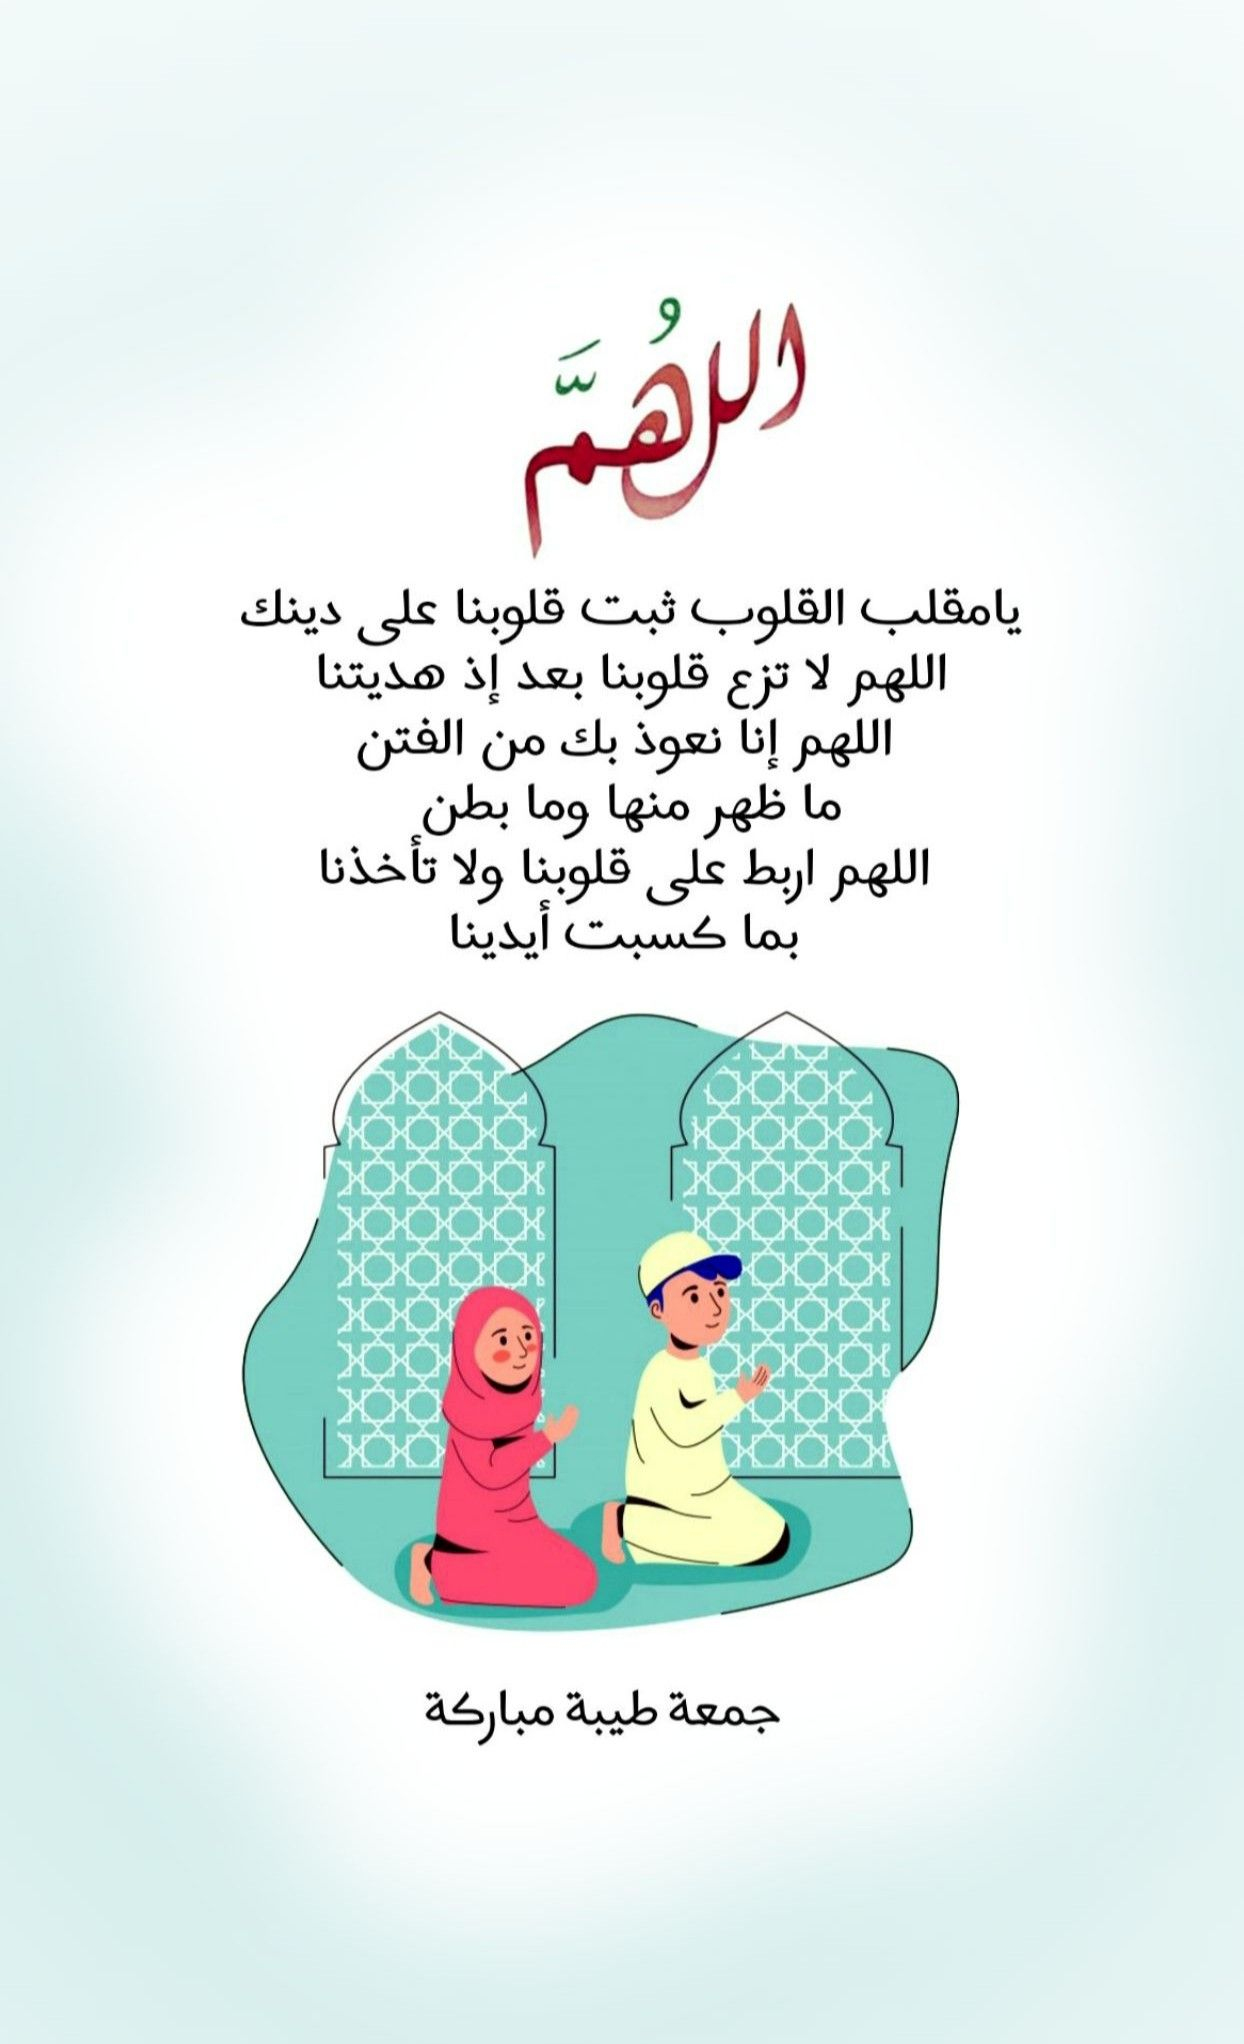 اللهم ثبت قلبي على دينك By Nqaa012 Wallpaper Quotes Plants Instagram